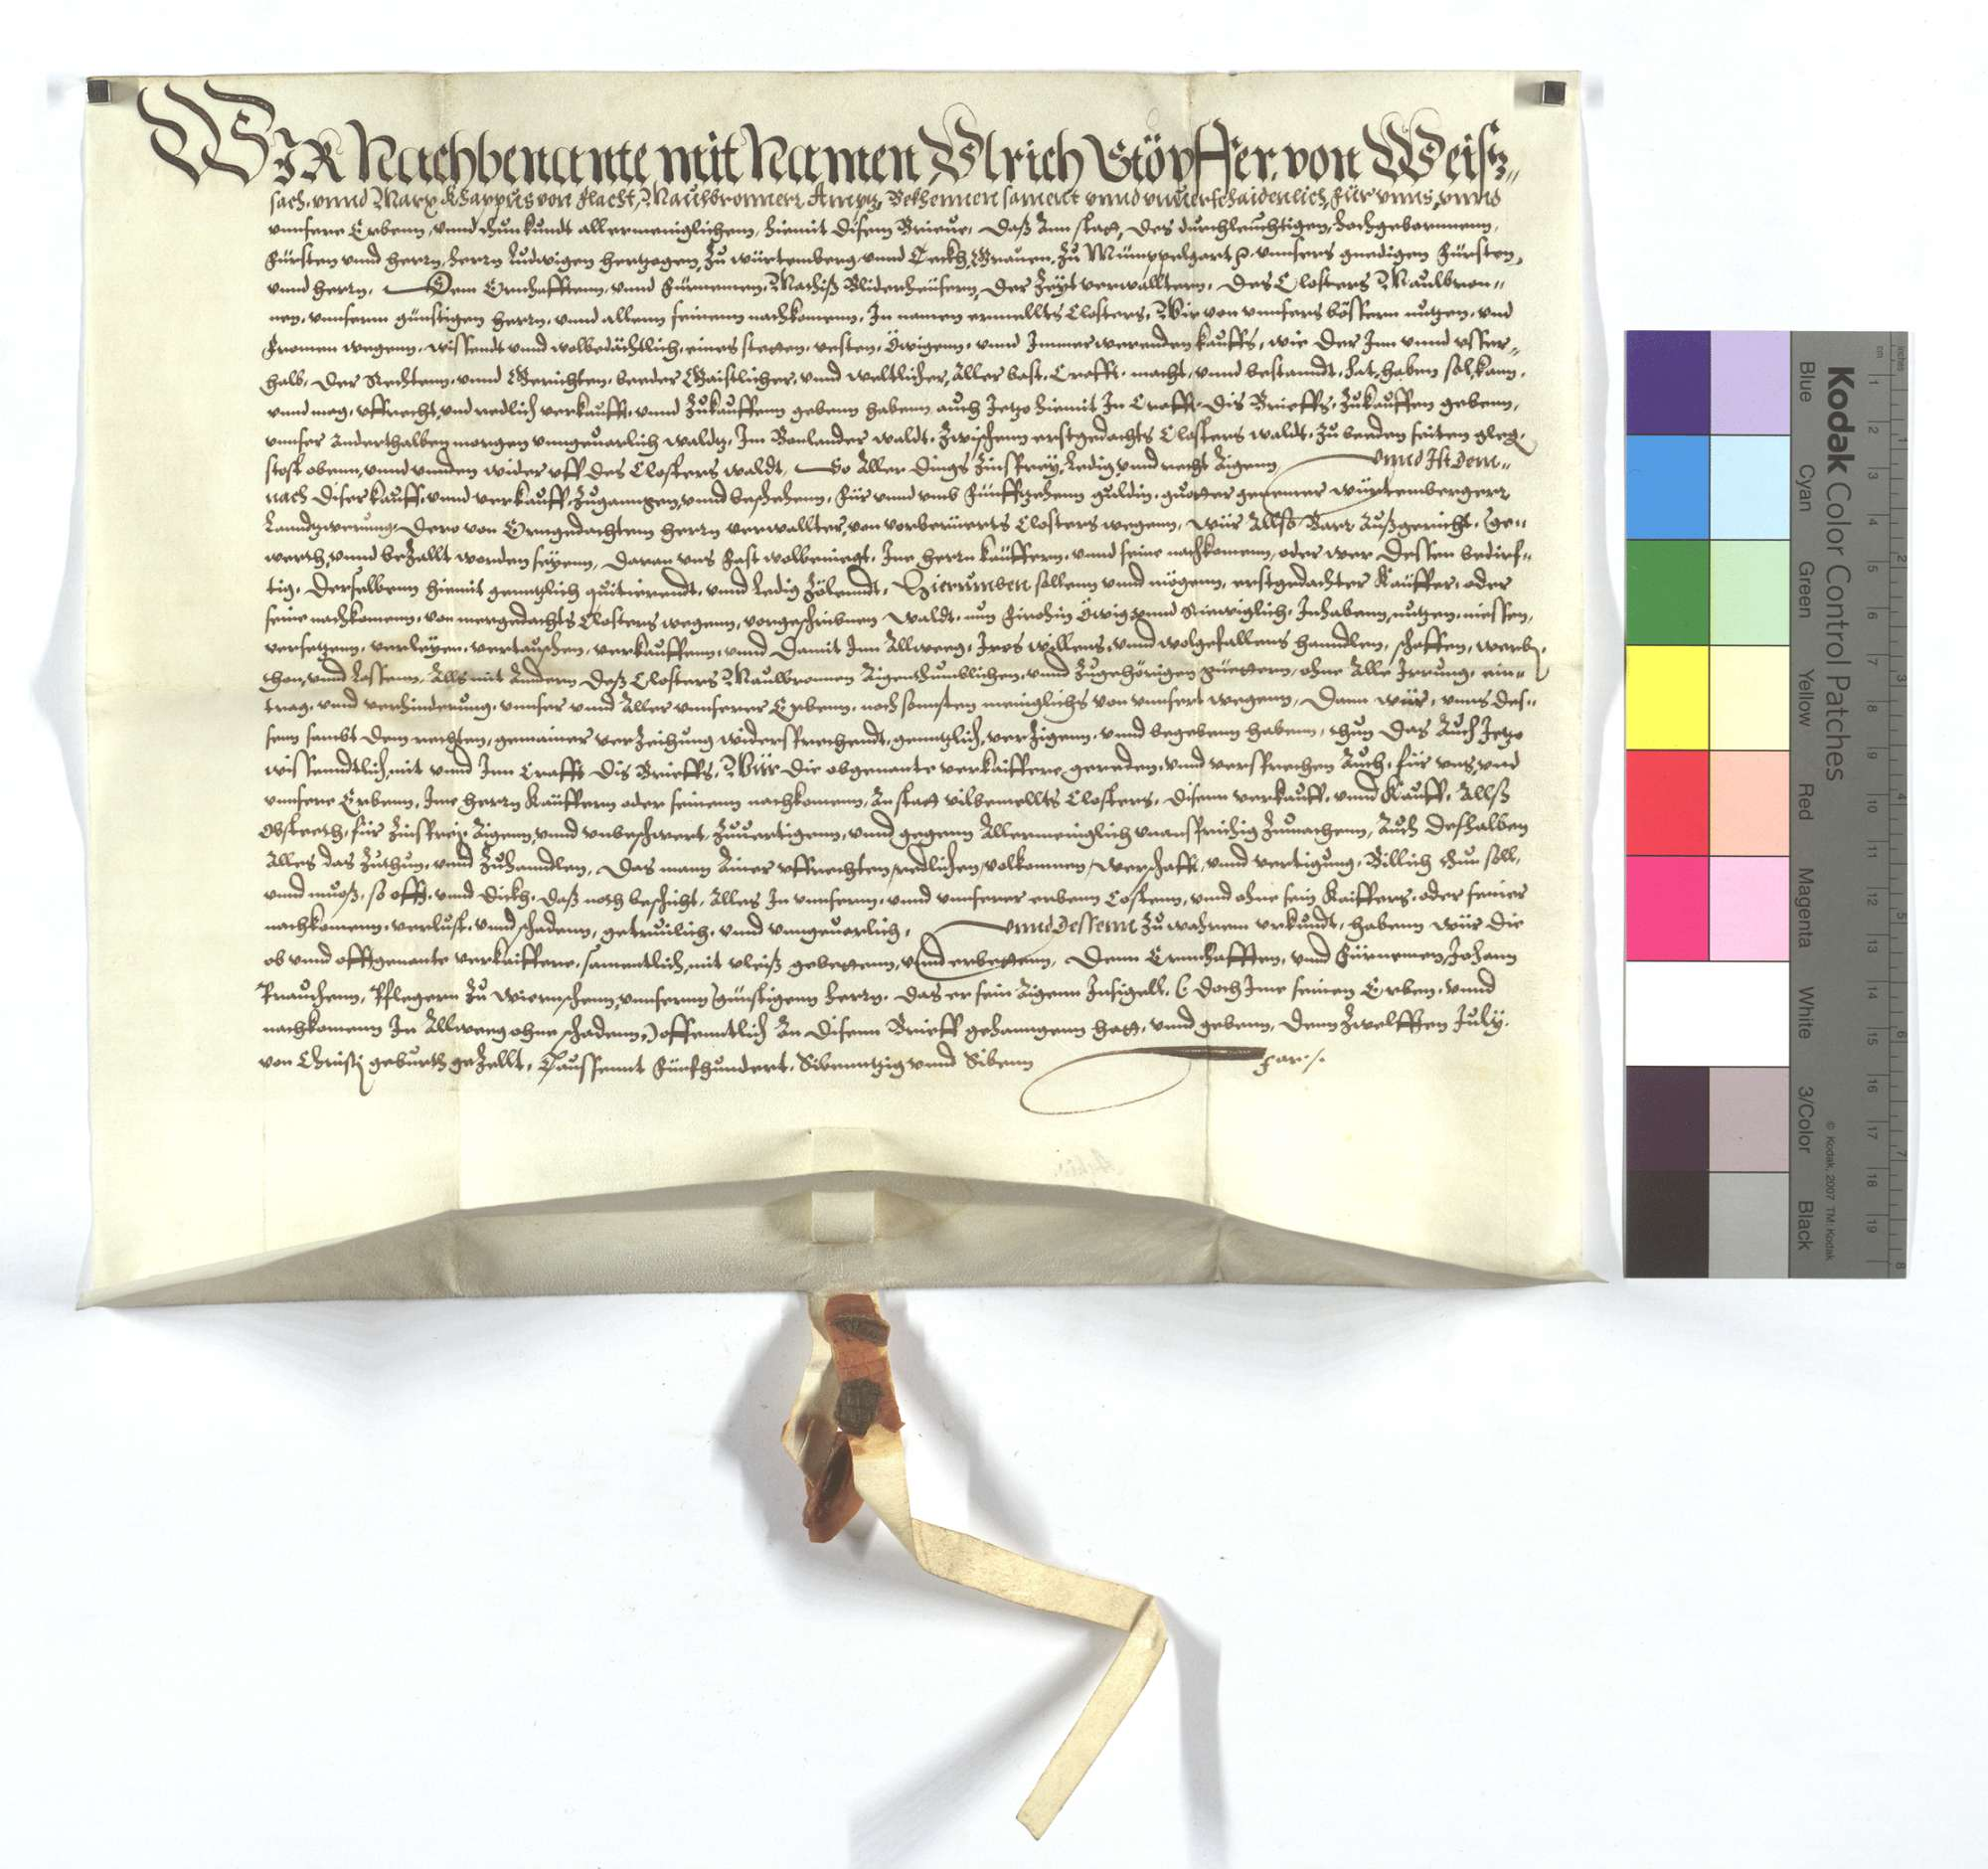 Fertigung Ulrich Stöpfers und Konsorten um 1 1/2 Morgen Wald in Bonlanden, die er dem Kloster Maulbronn verkauft., Text